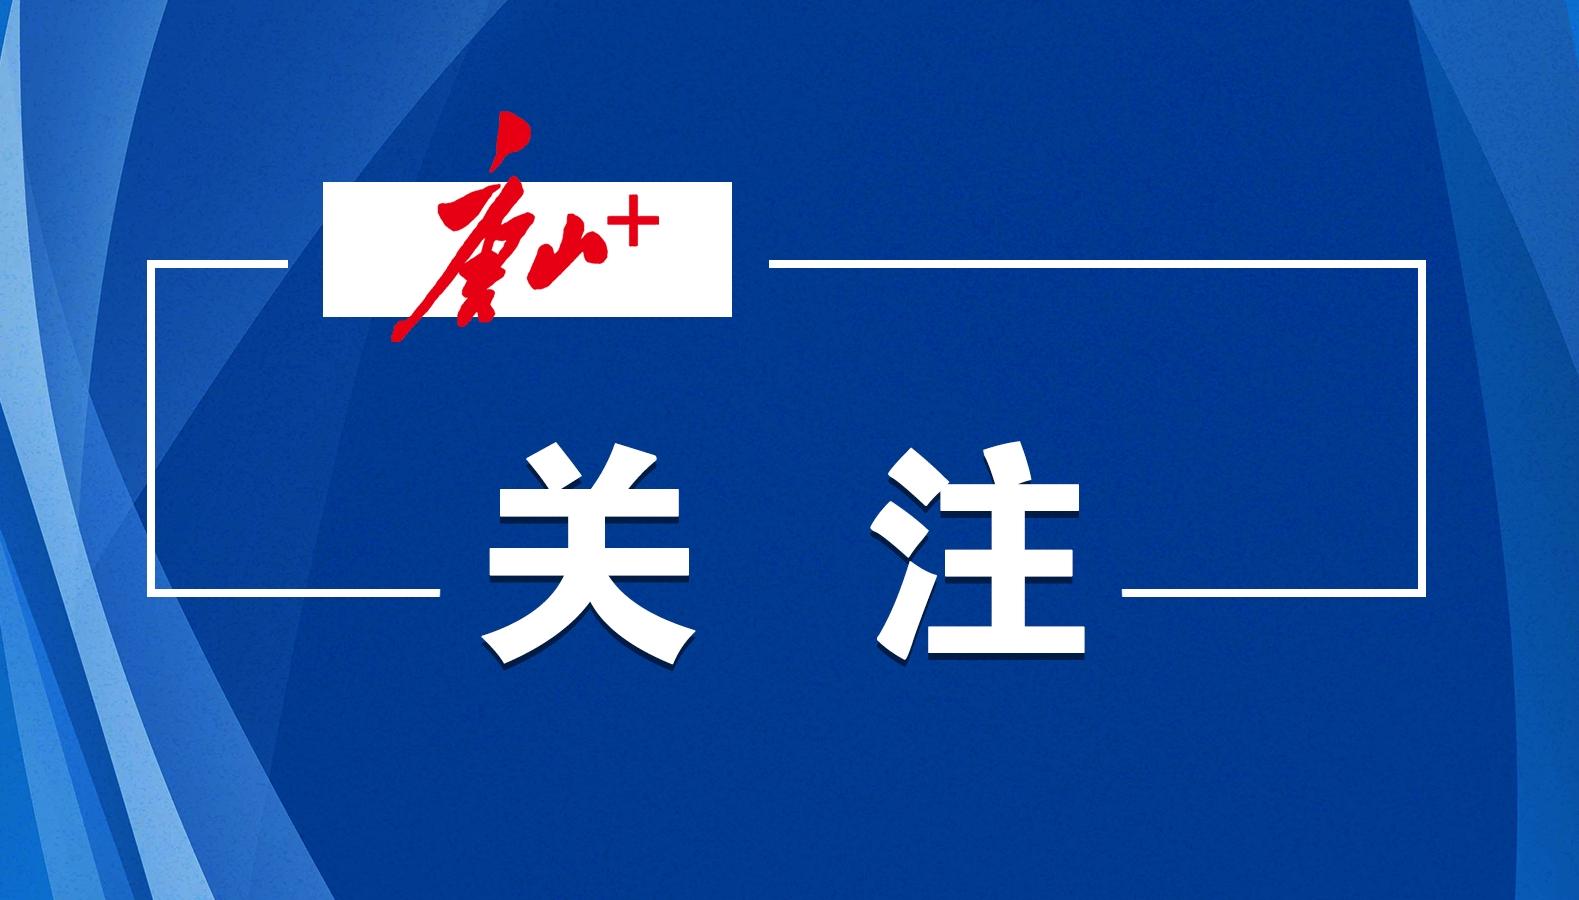 唐山市防灾减灾救灾条例